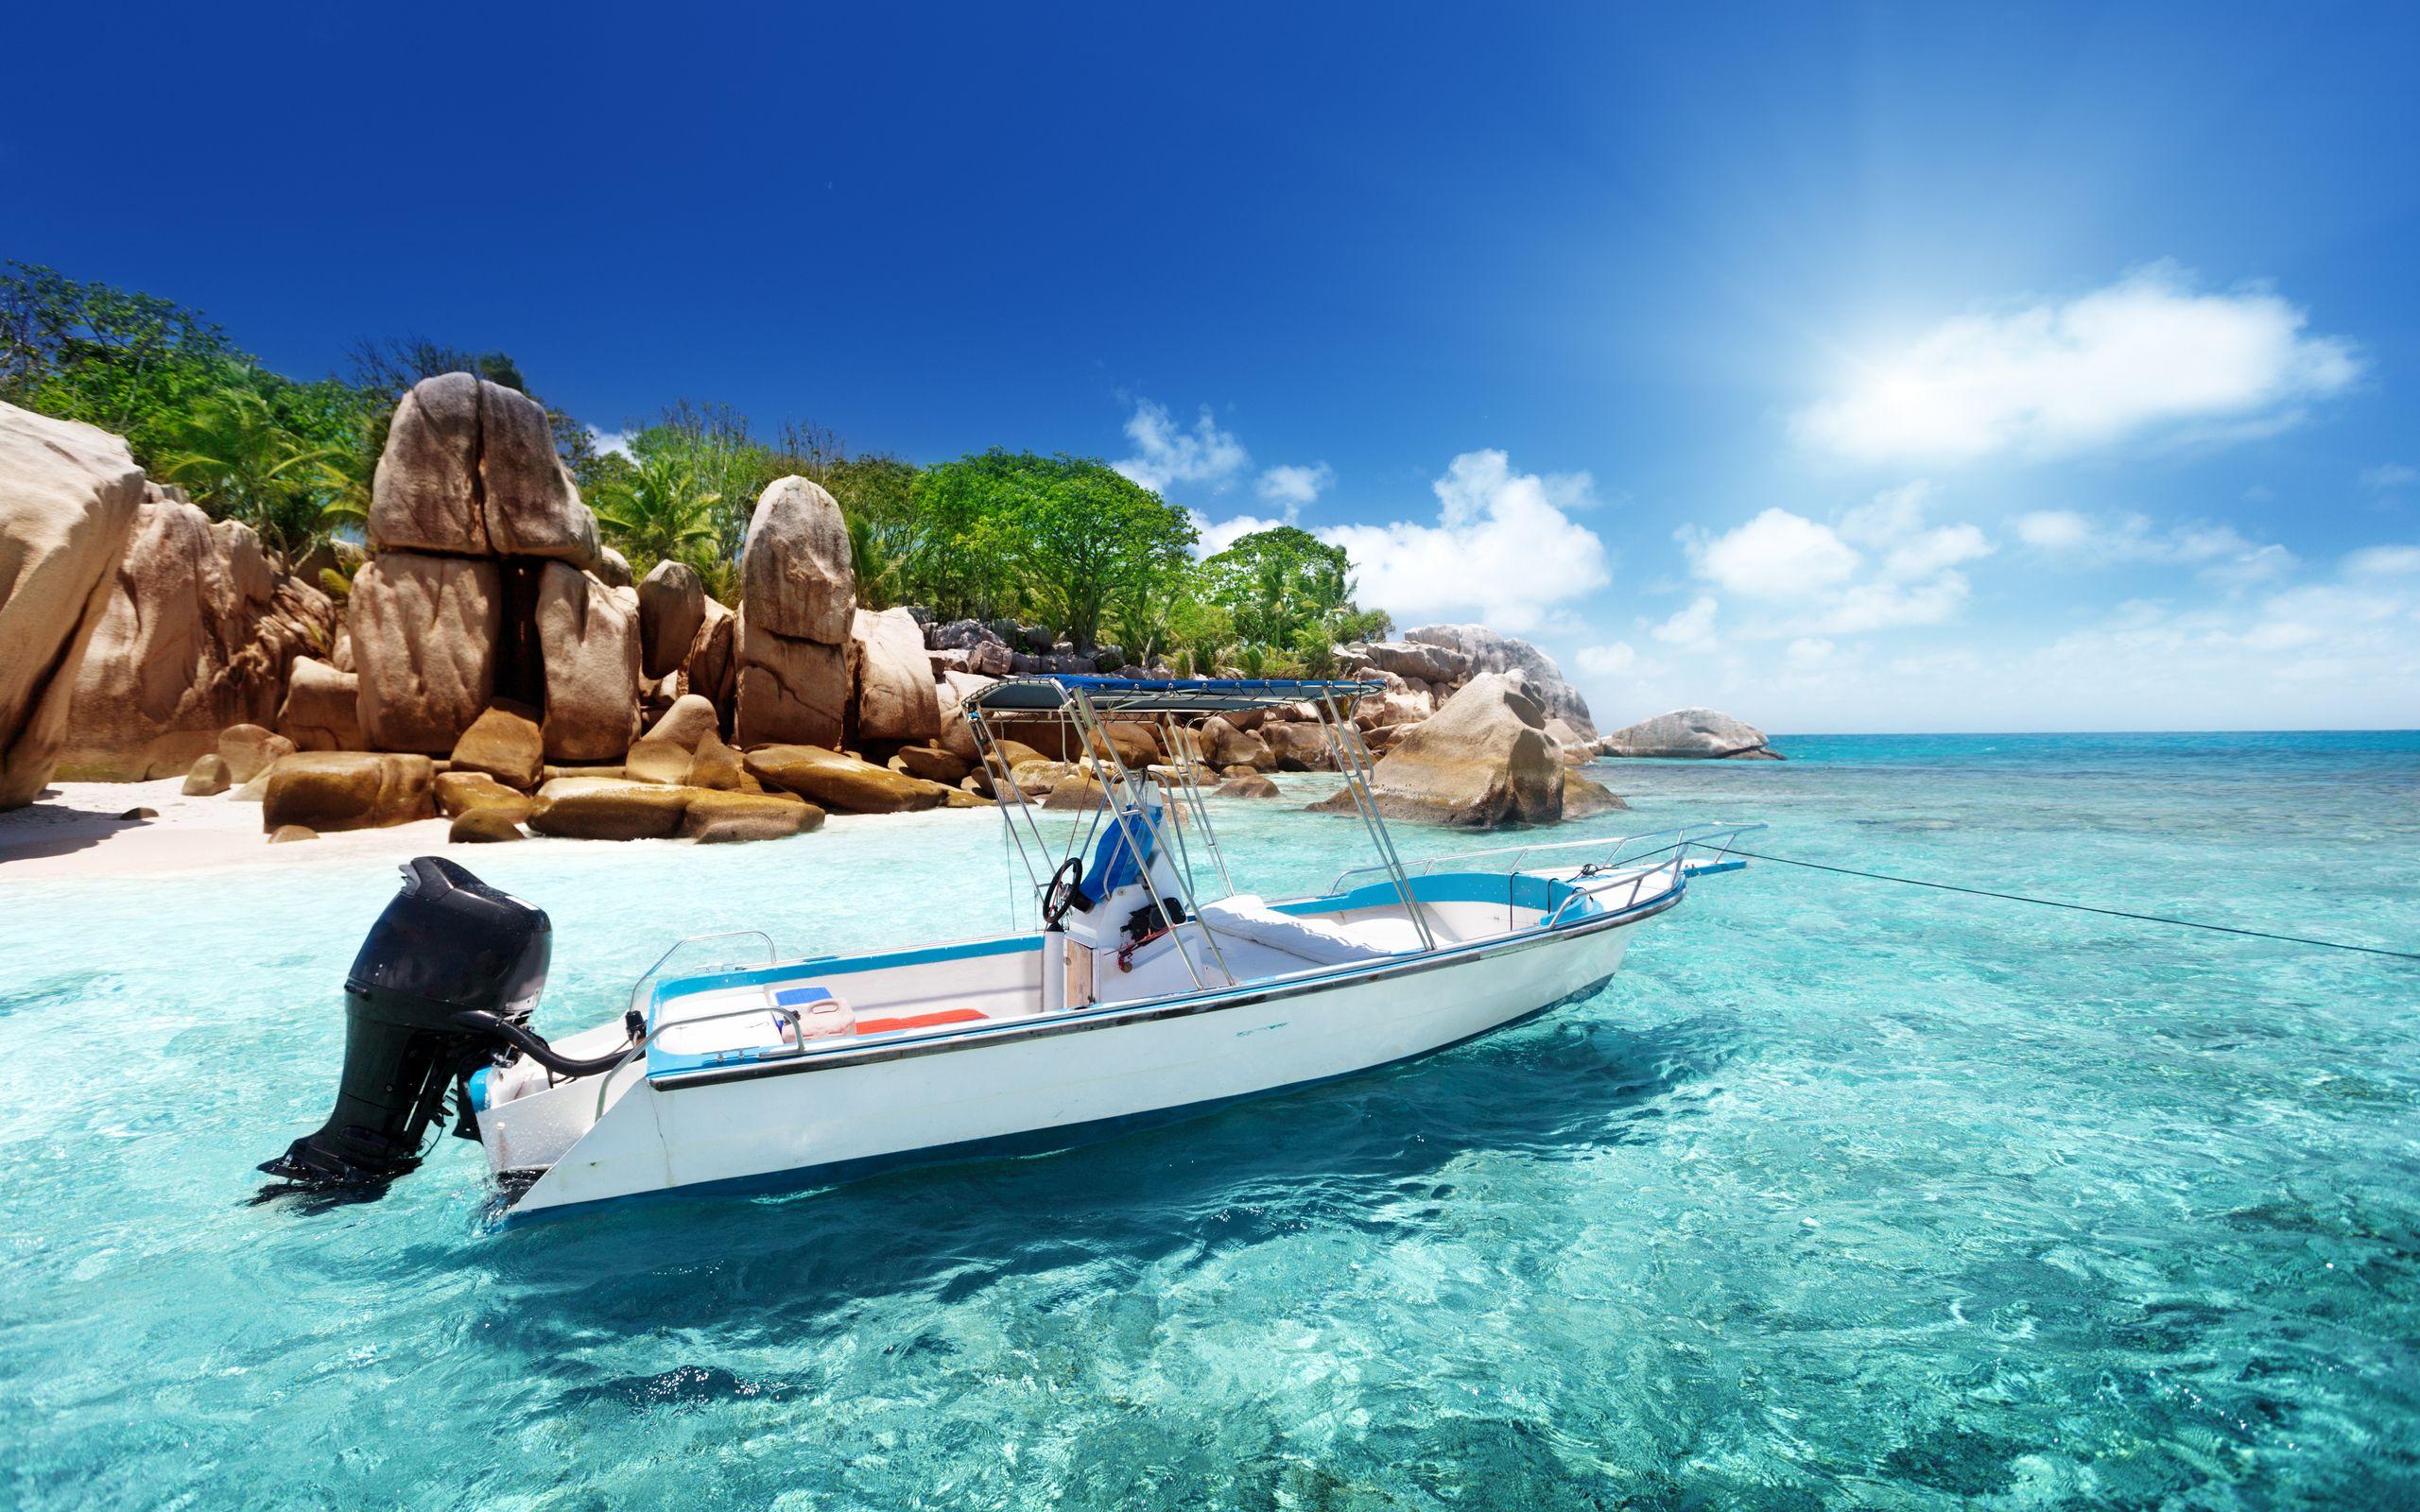 Landscape 4K Ultra HD Wallpaper Boat On Tropical Ocean